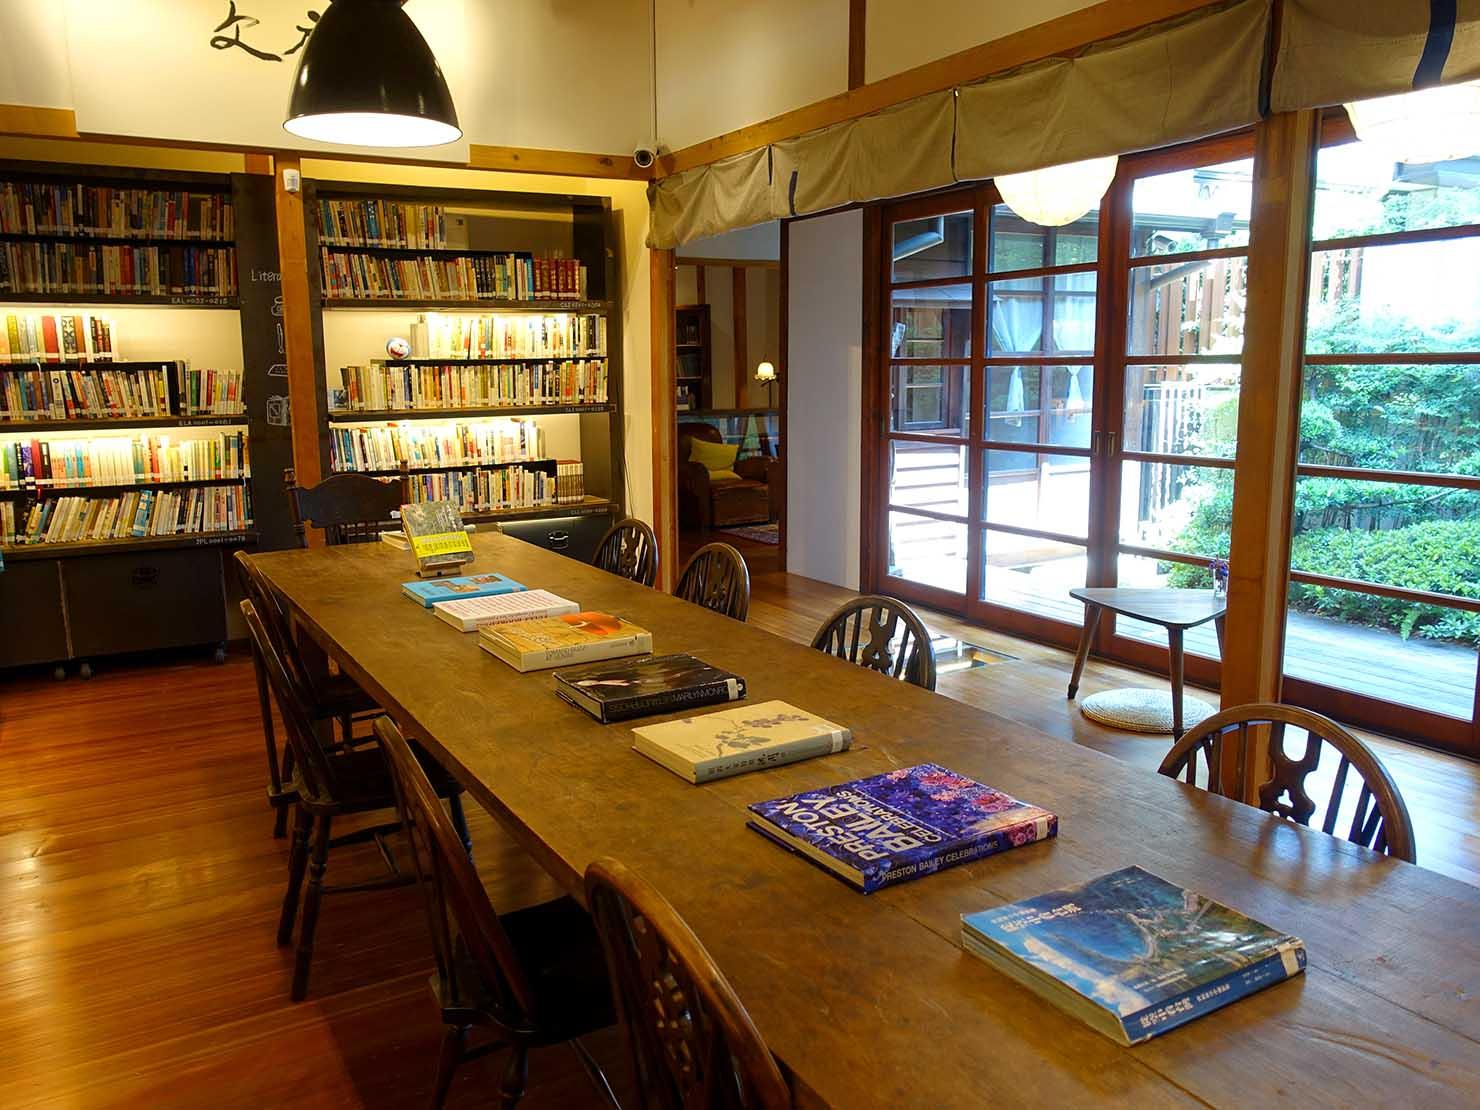 台北の街に佇む日本式古民家の図書館「文房 Chapter」のメイン読書スペース